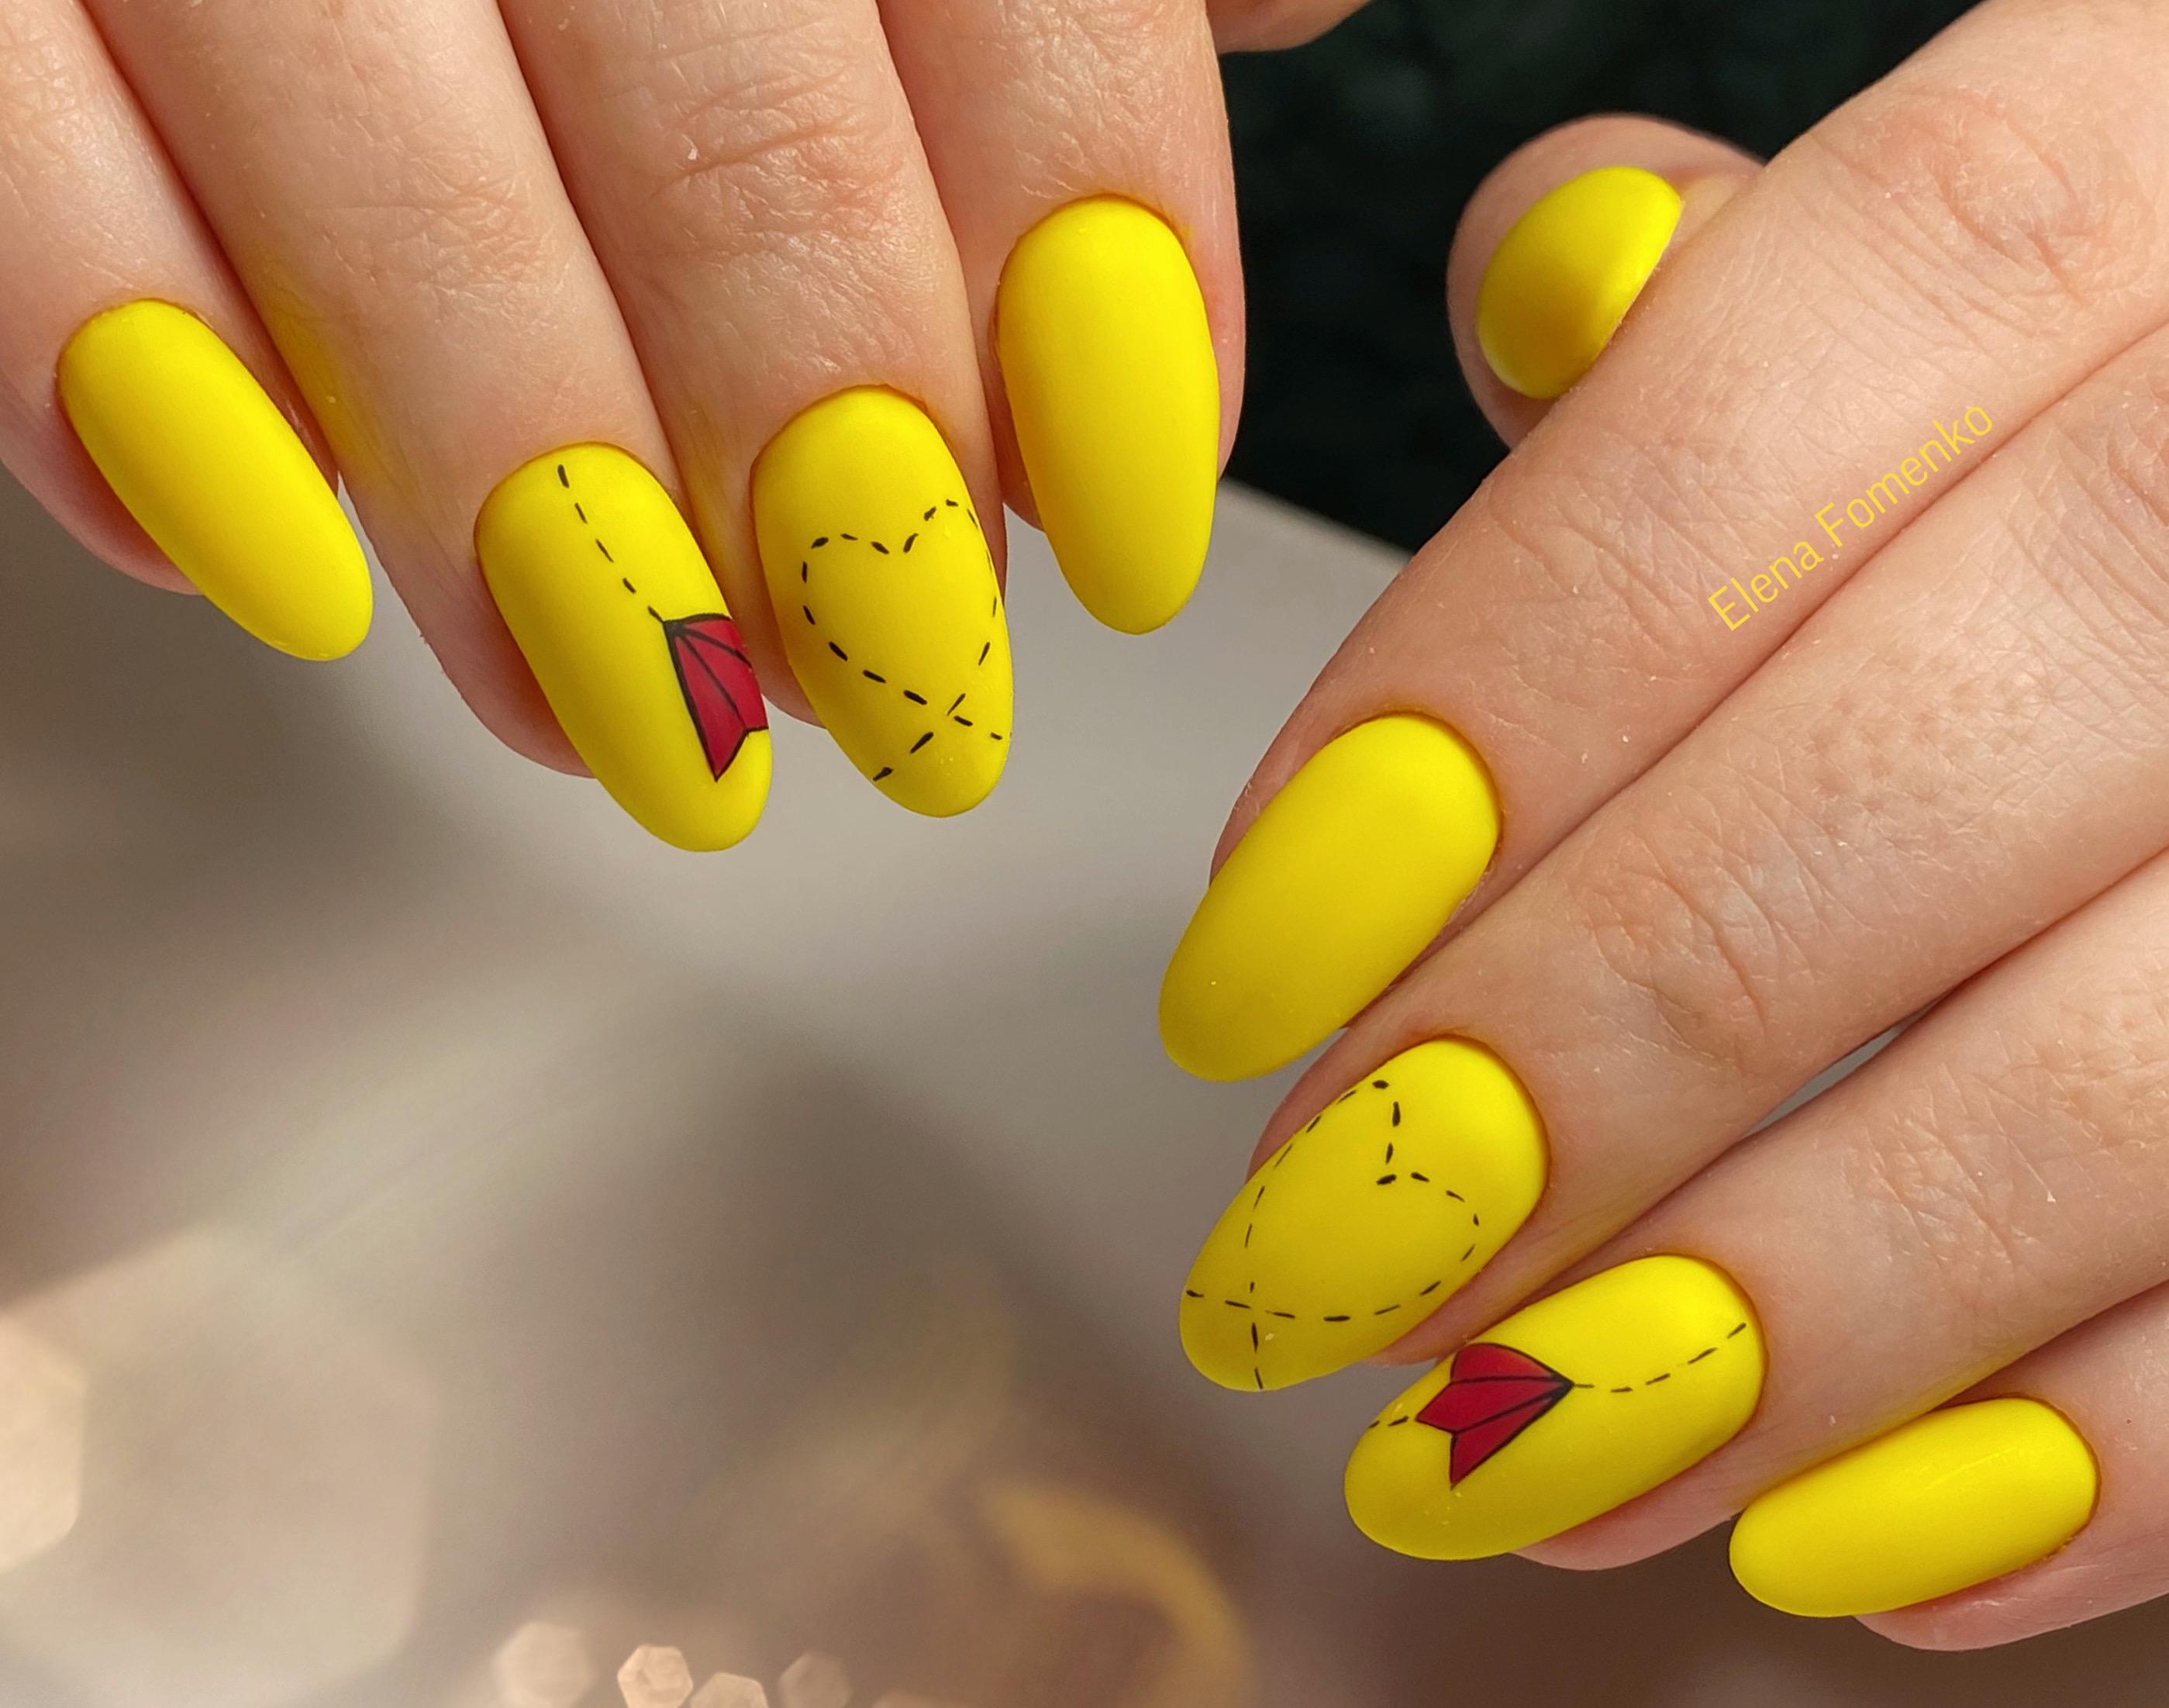 Матовый маникюр с рисунком в желтом цвете.